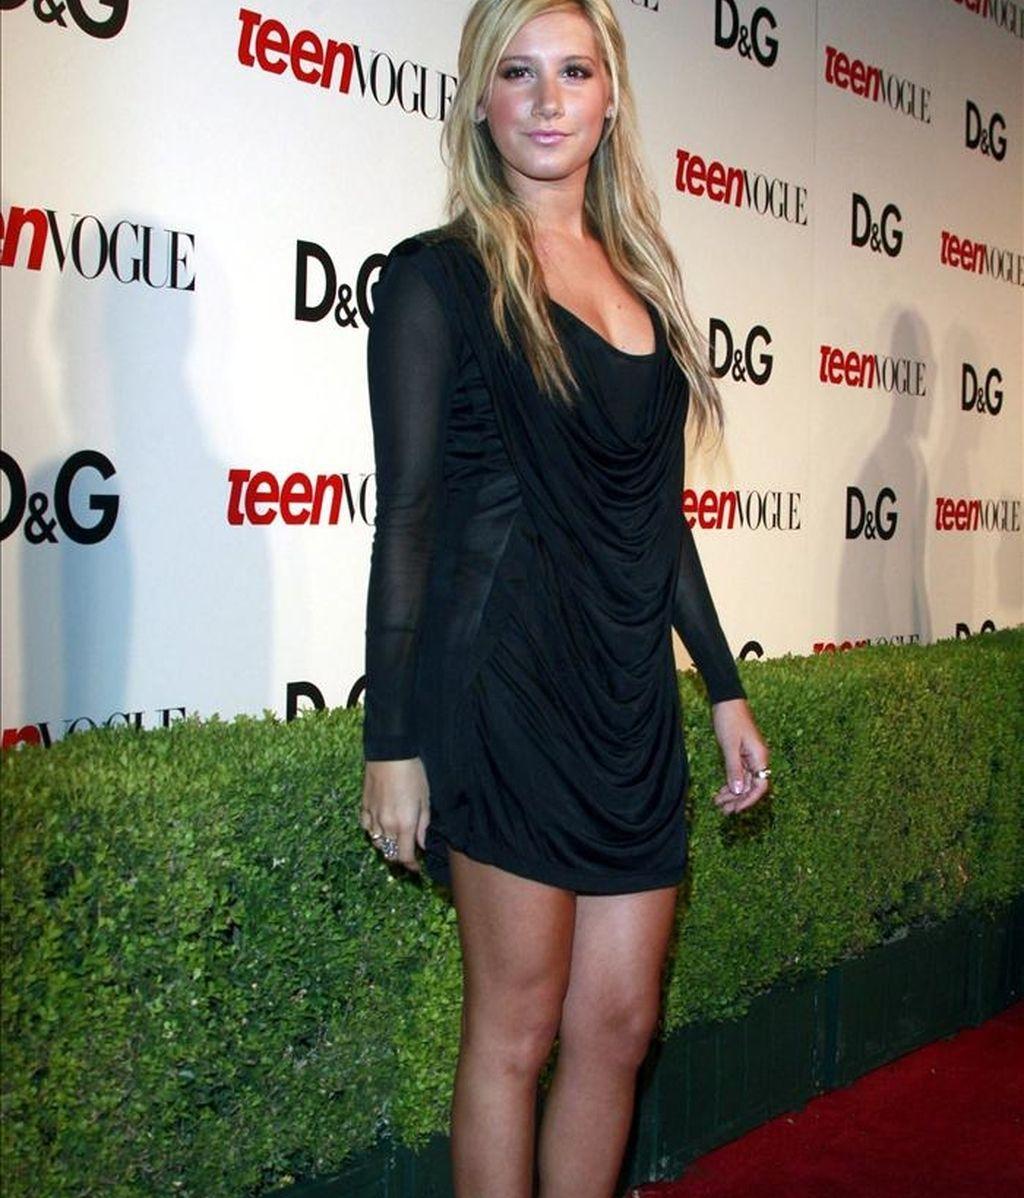 La actriz y cantante estadounidense Ashley Tisdale. EFE/Archivo